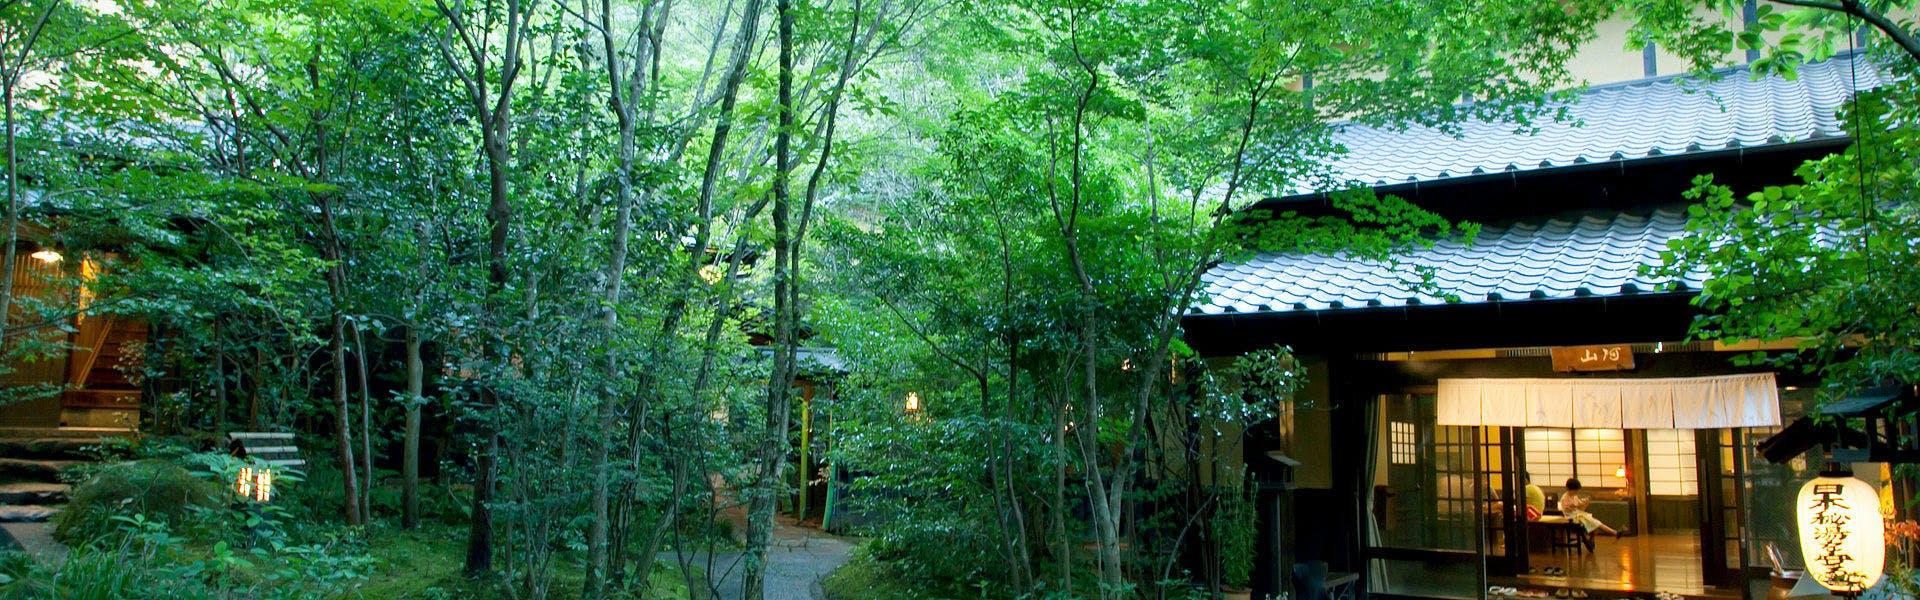 記念日におすすめのホテル・黒川温泉 旅館 山河の写真1